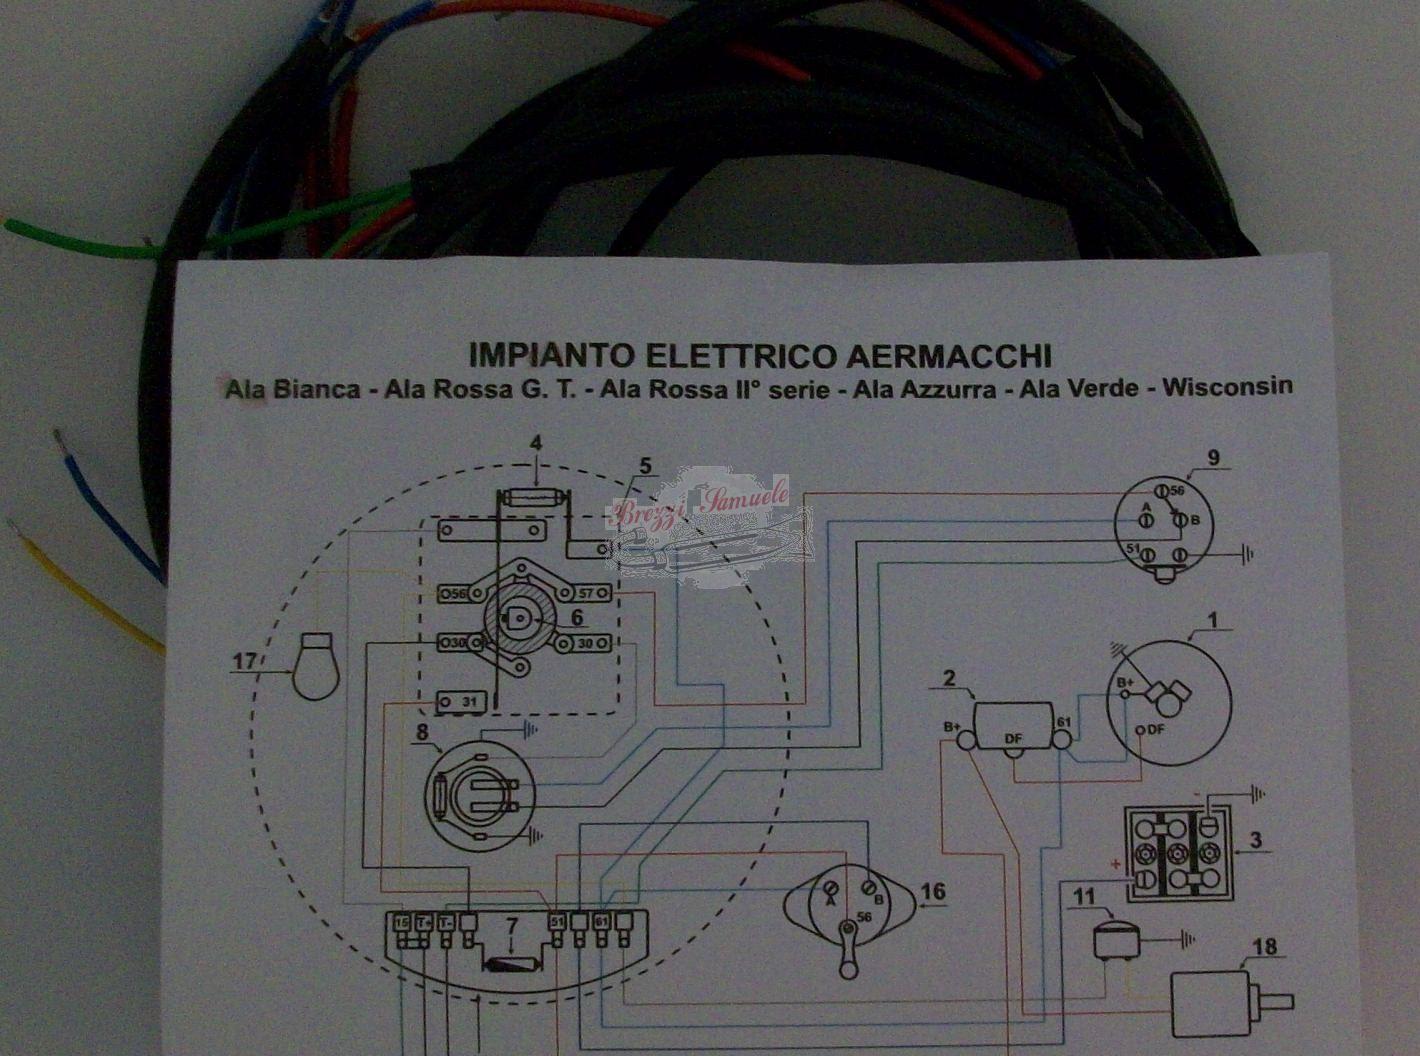 Schema Elettrico : Prodotto im impianto elettrico aermacchi ala biancha